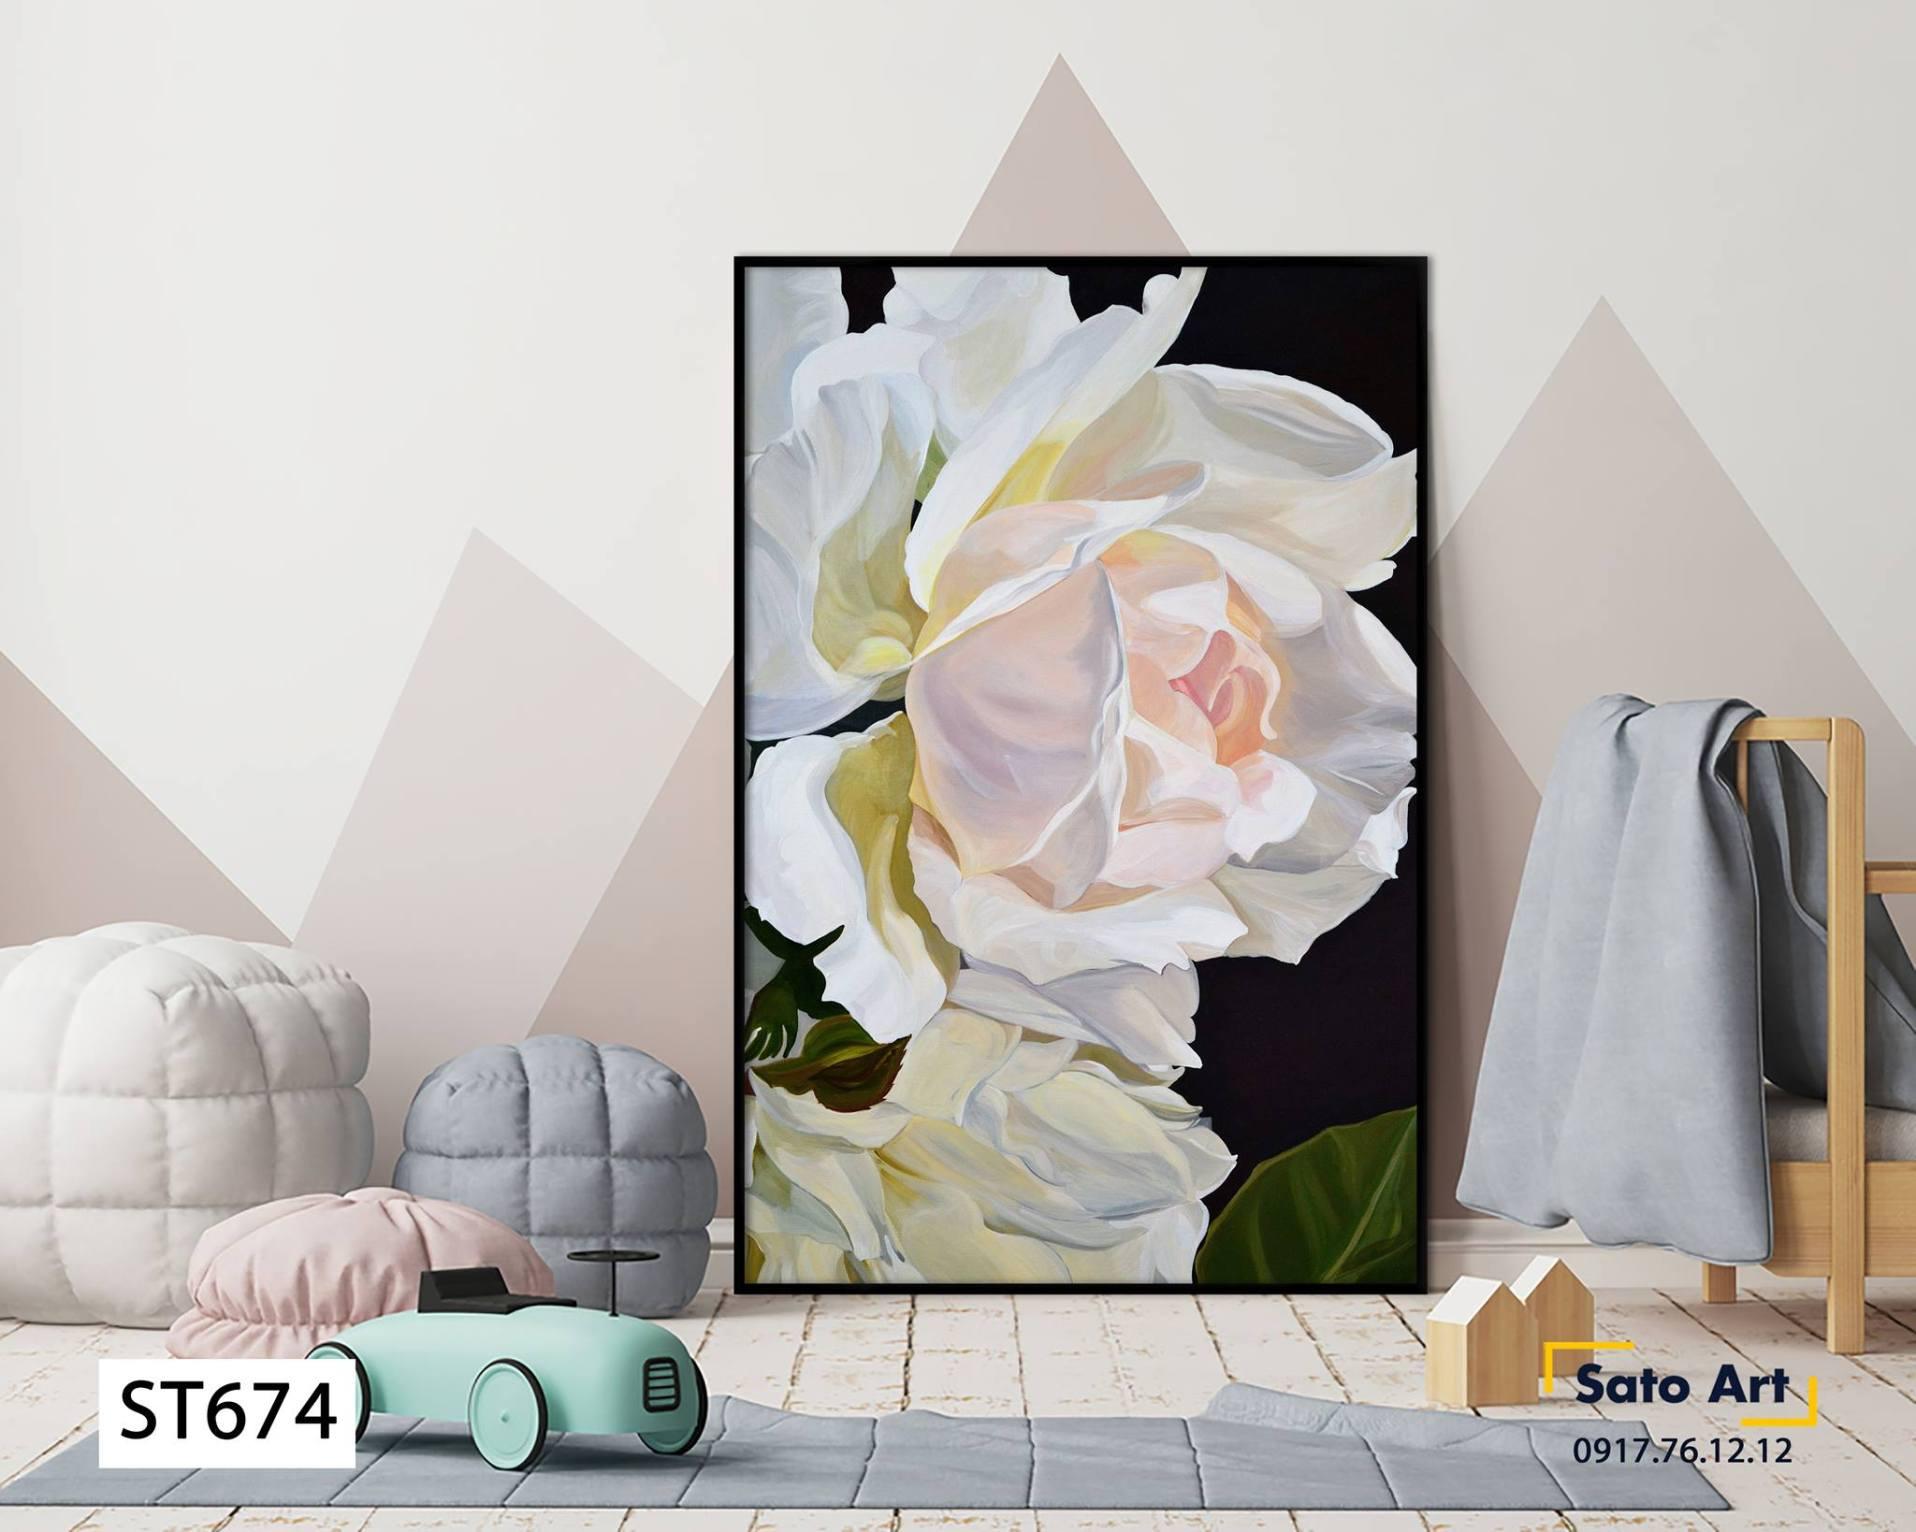 Tranh bông hoa mẫu đơn trắng